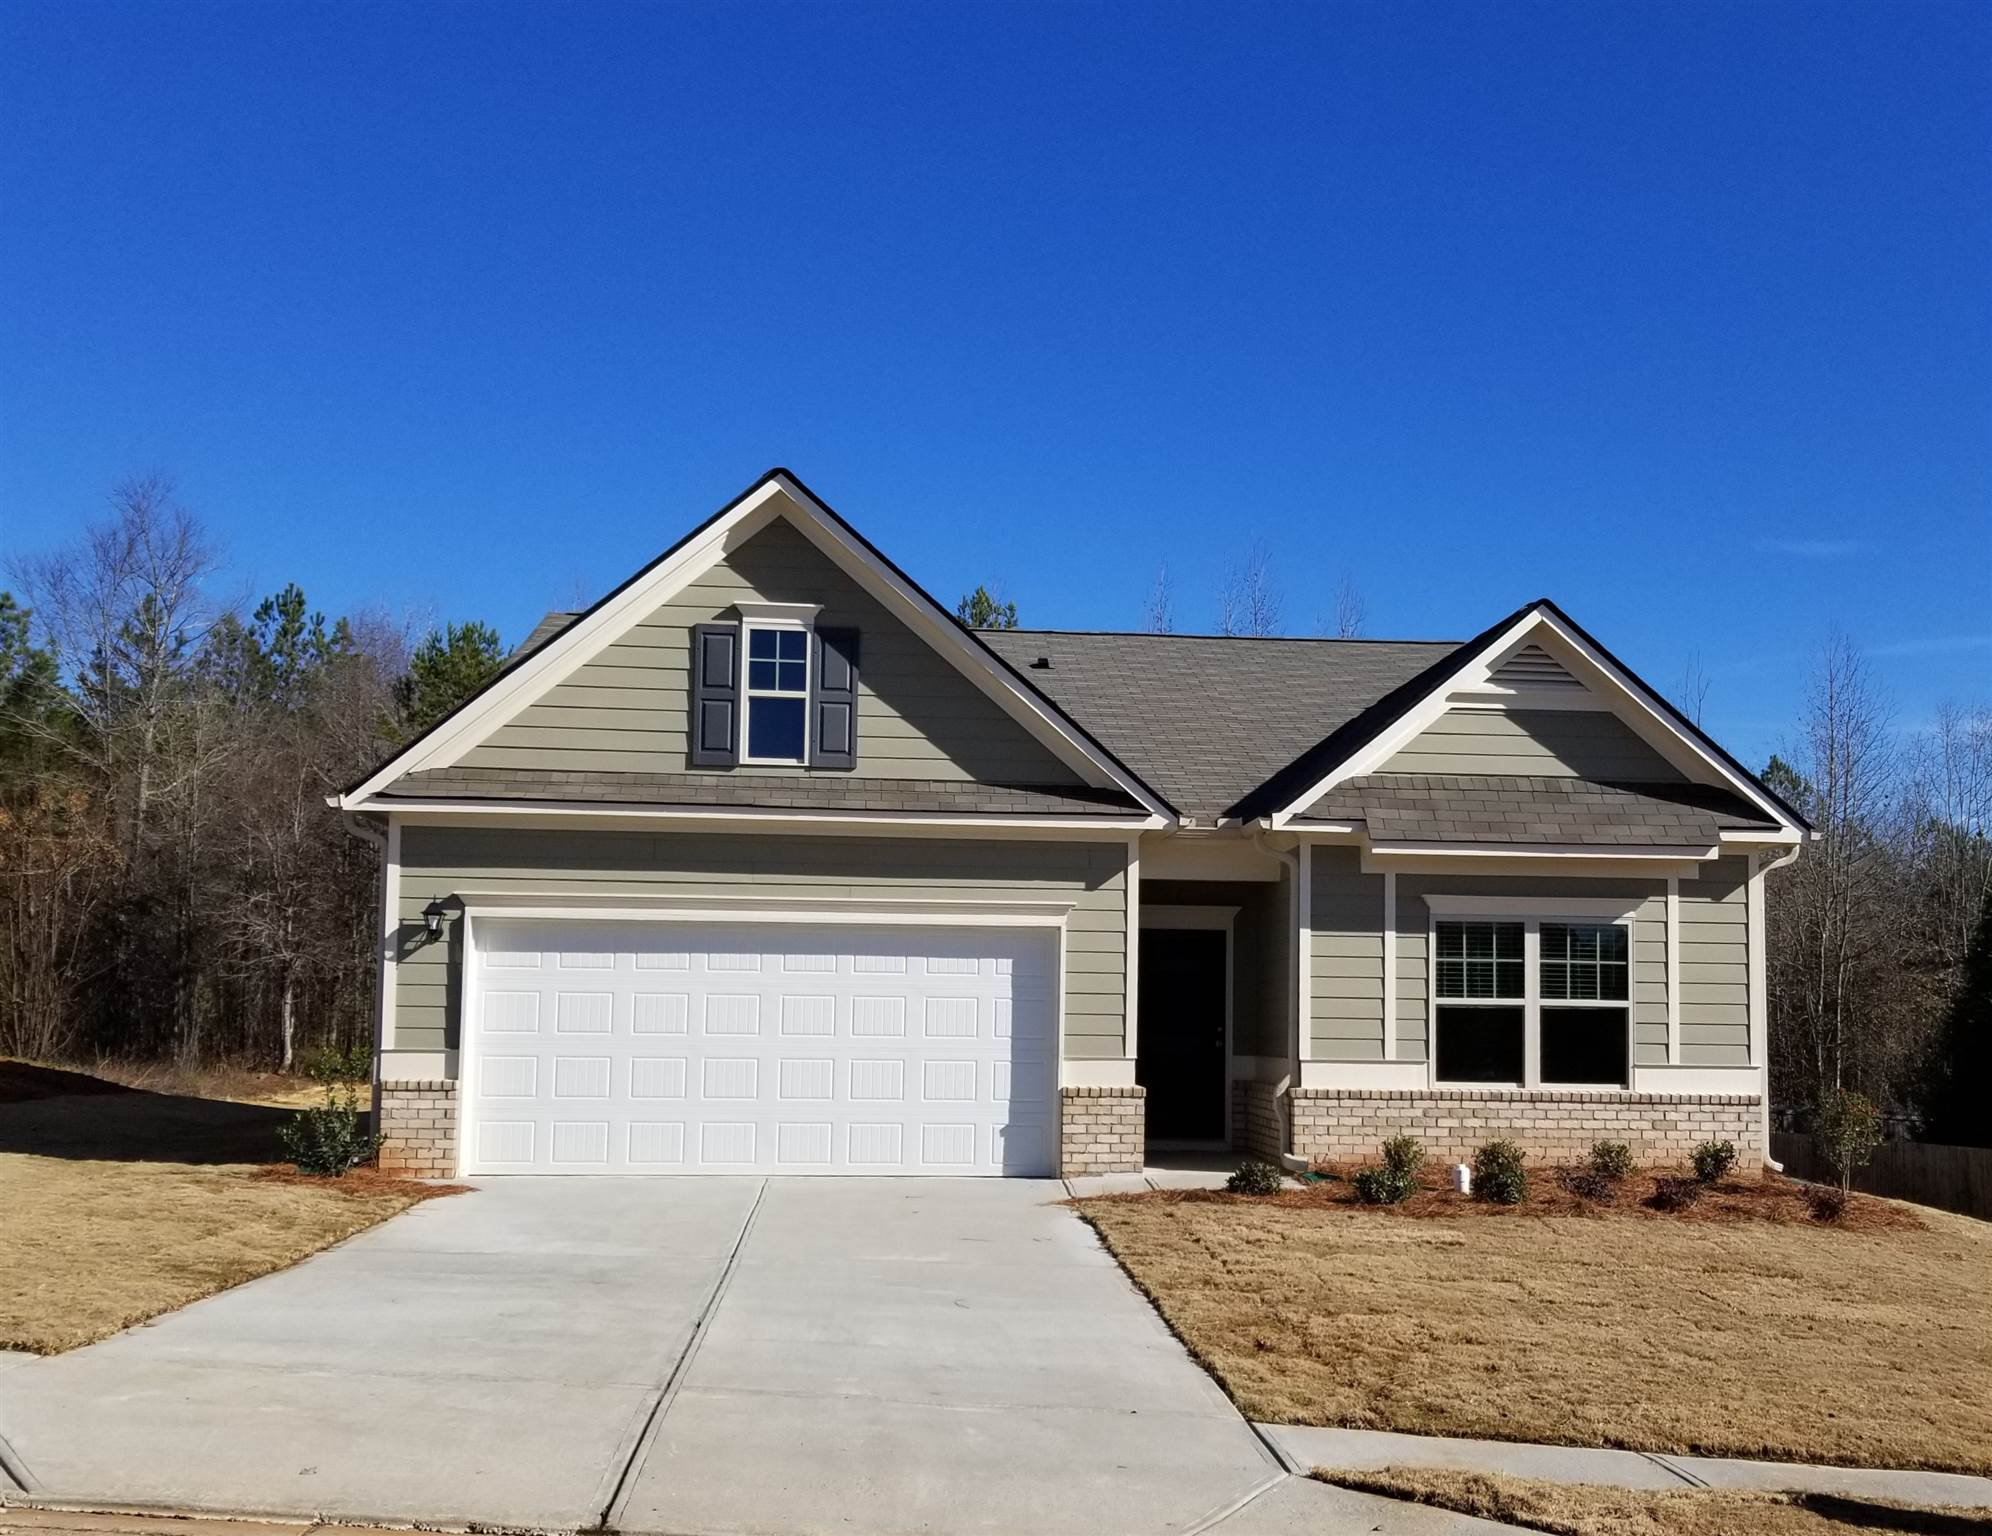 174 GARRETT DRIVE, Lake Oconee in Putnam County, GA 31024 Home for Sale